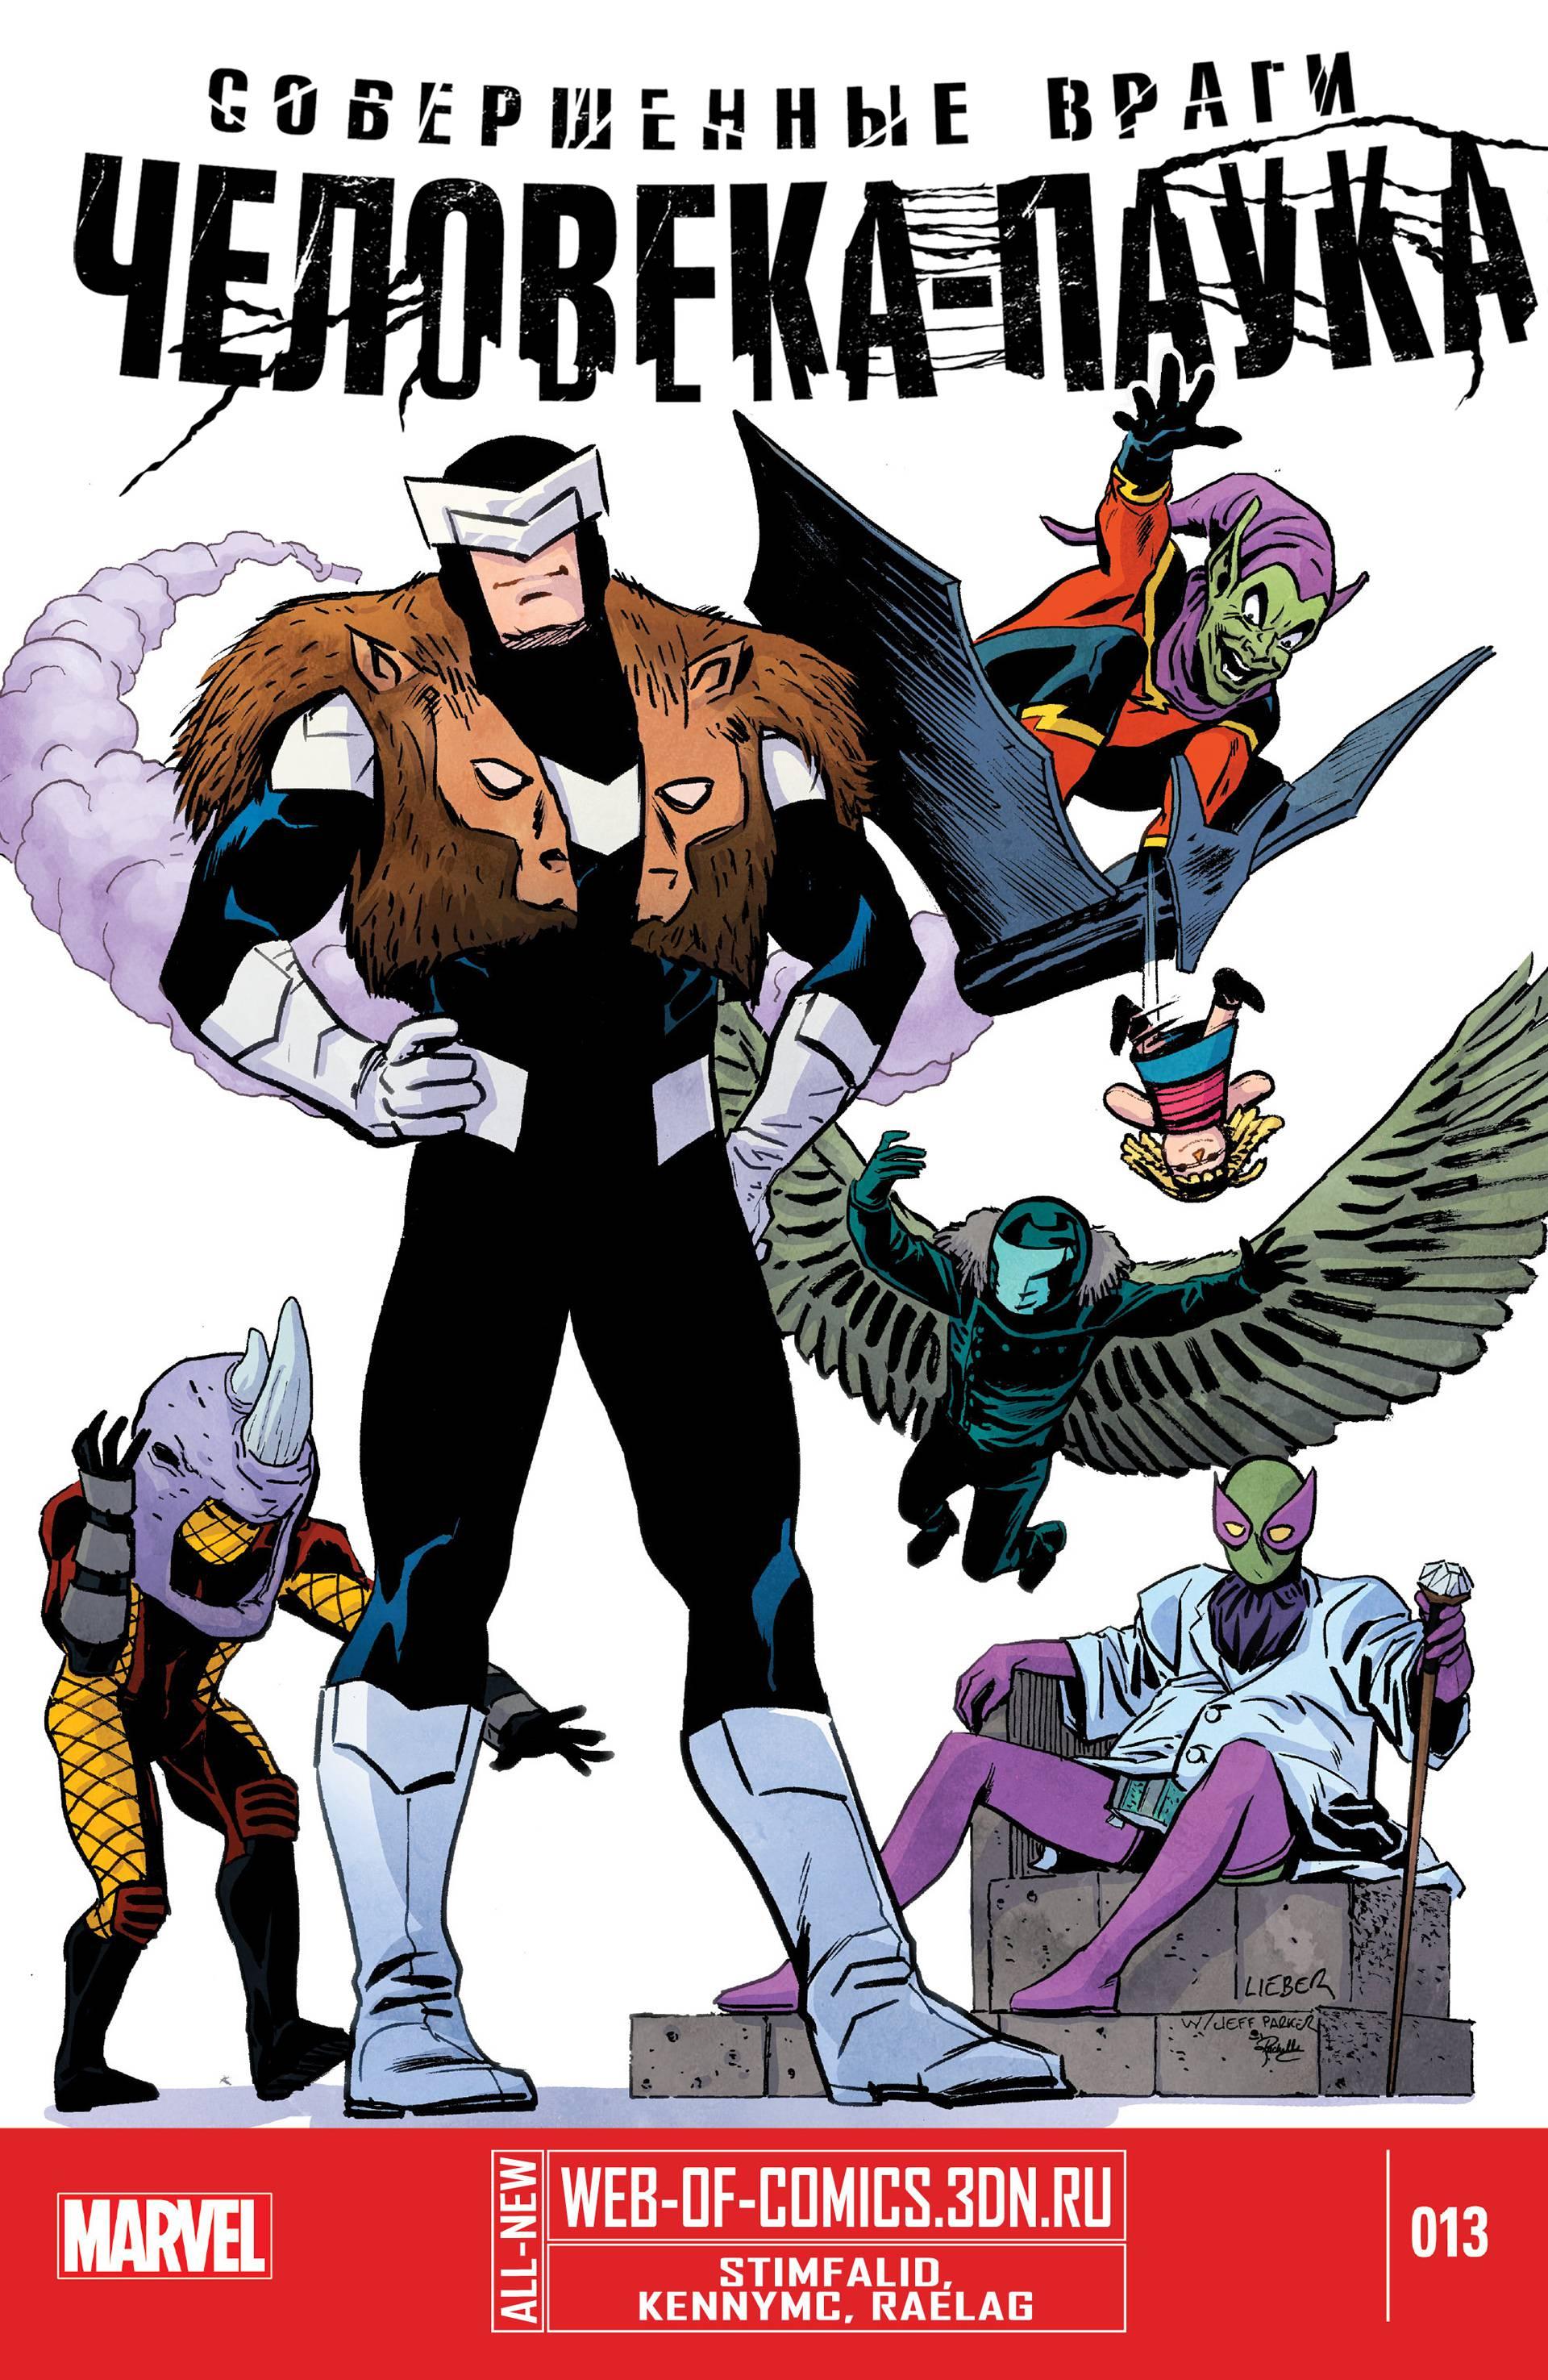 Совершенные Враги Человека-Паука №13 онлайн